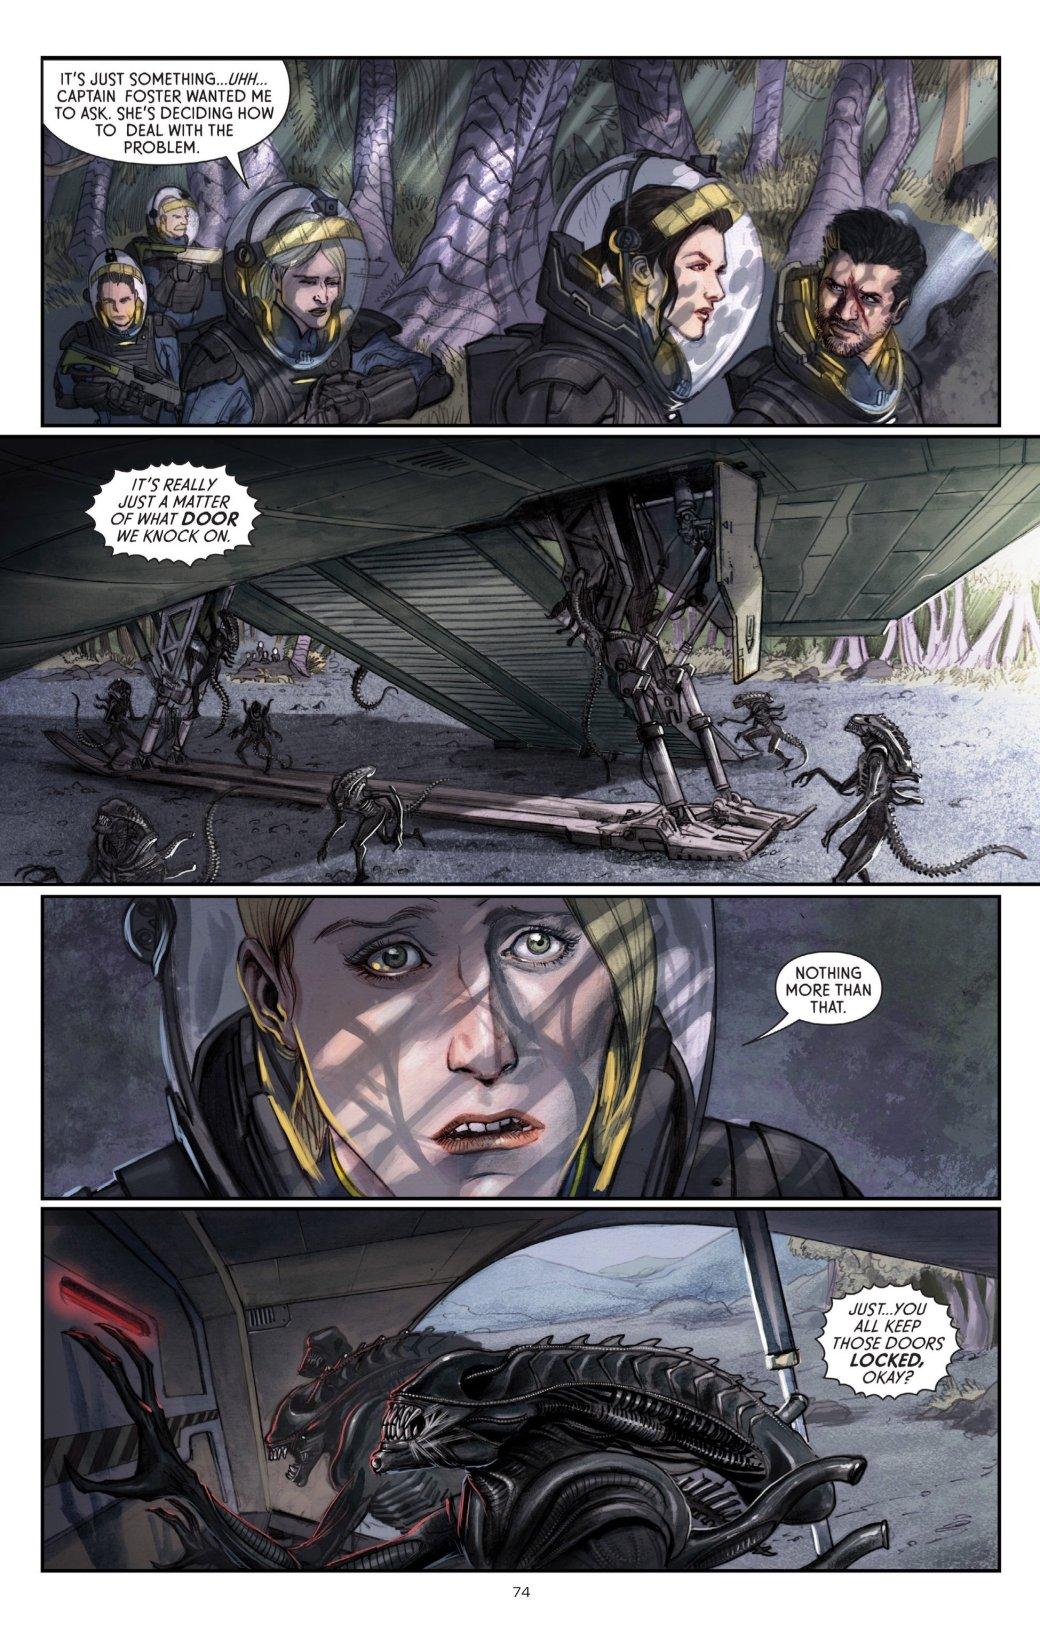 Бэтмен против Чужого?! Безумные комикс-кроссоверы сксеноморфами | Канобу - Изображение 11